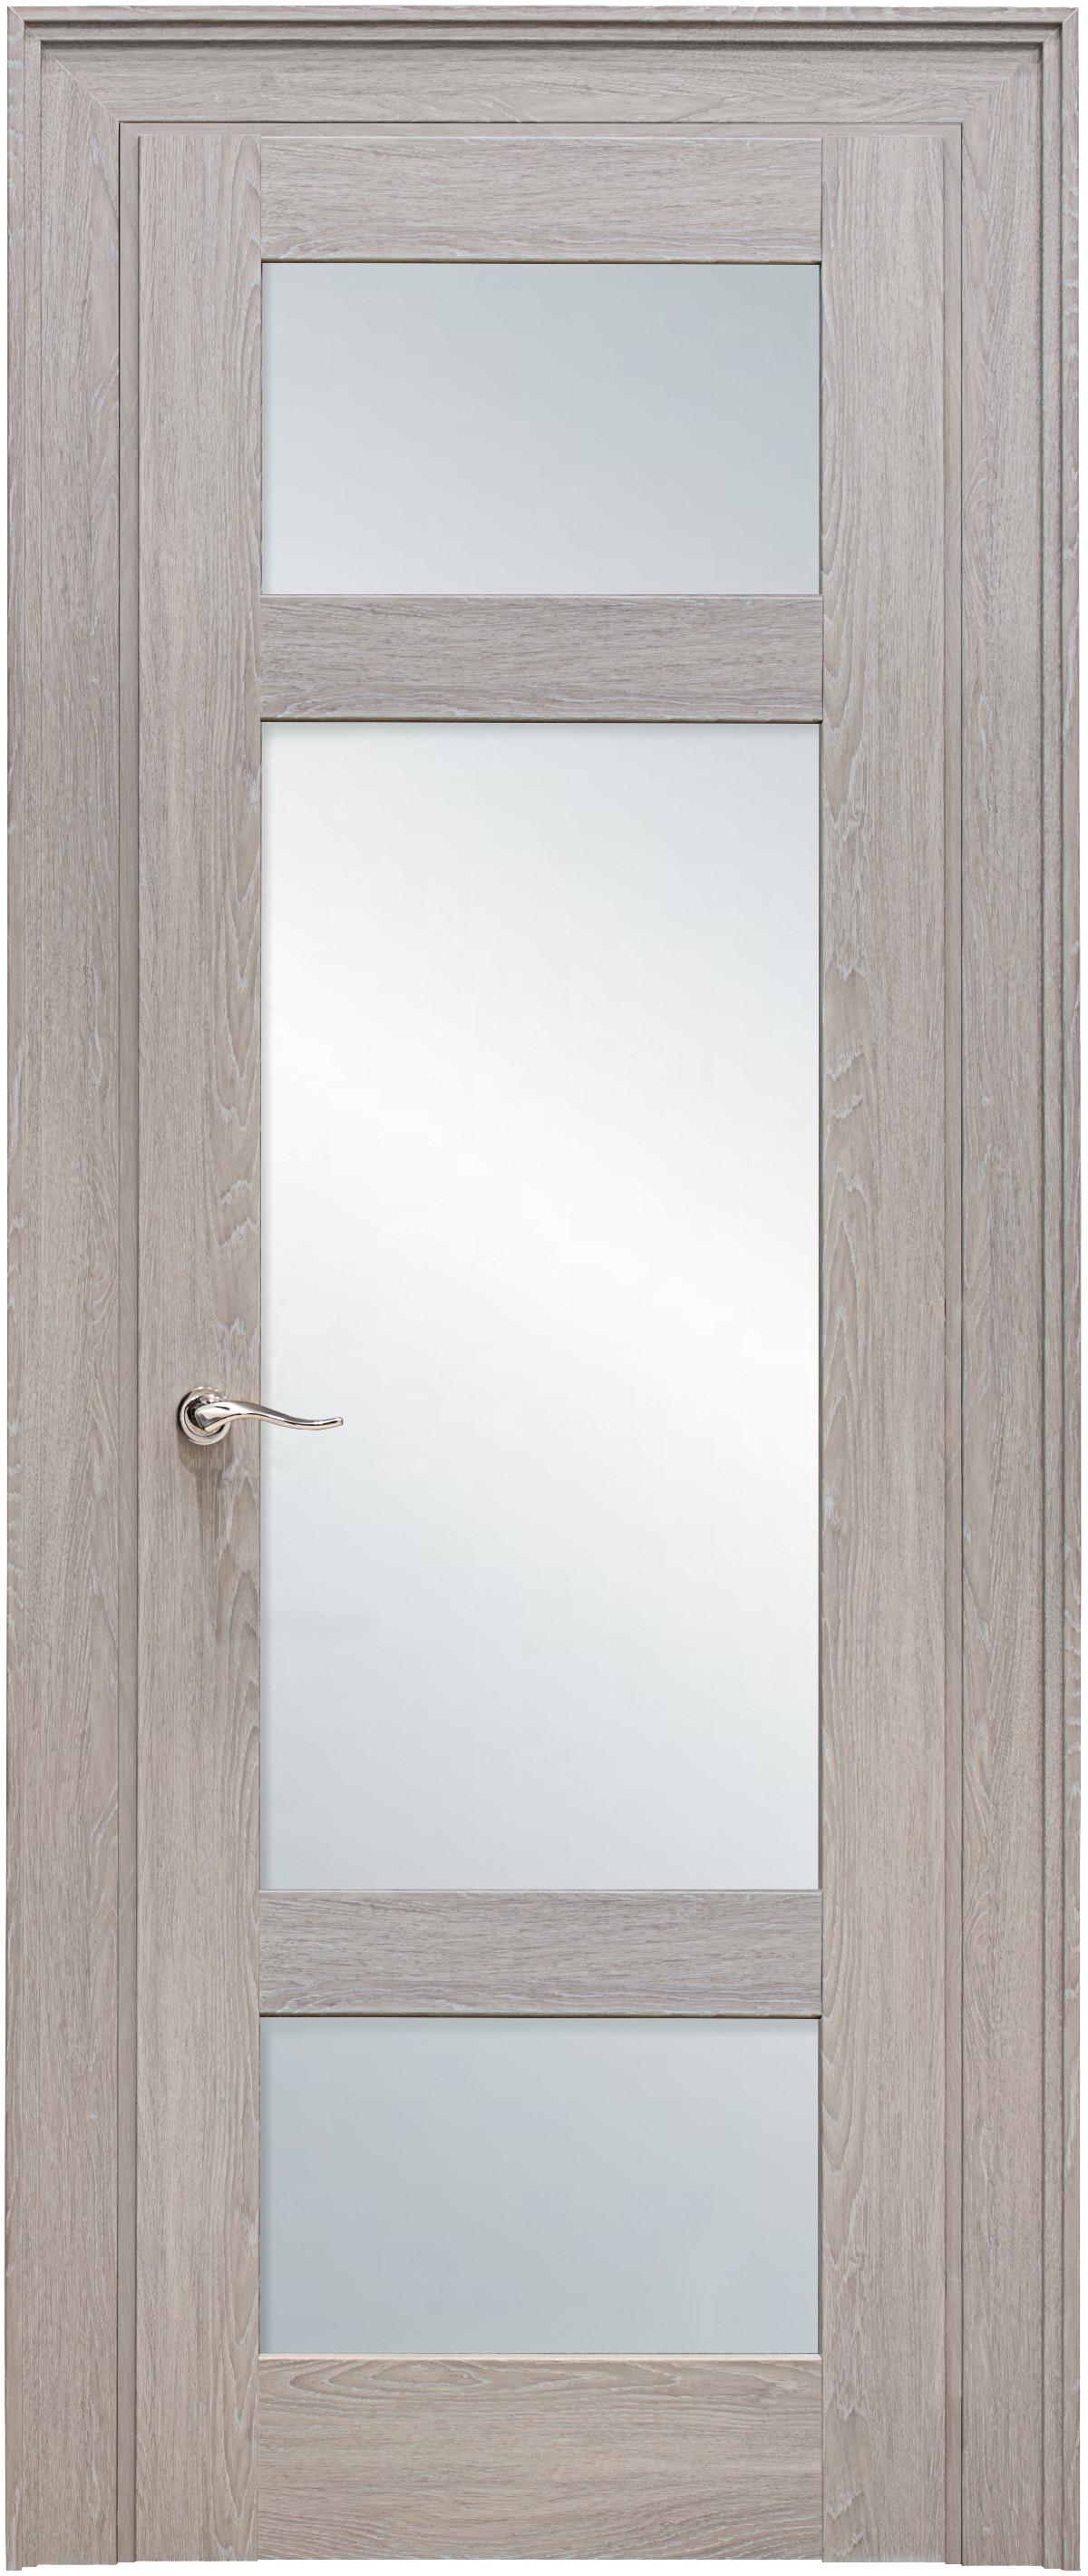 door82